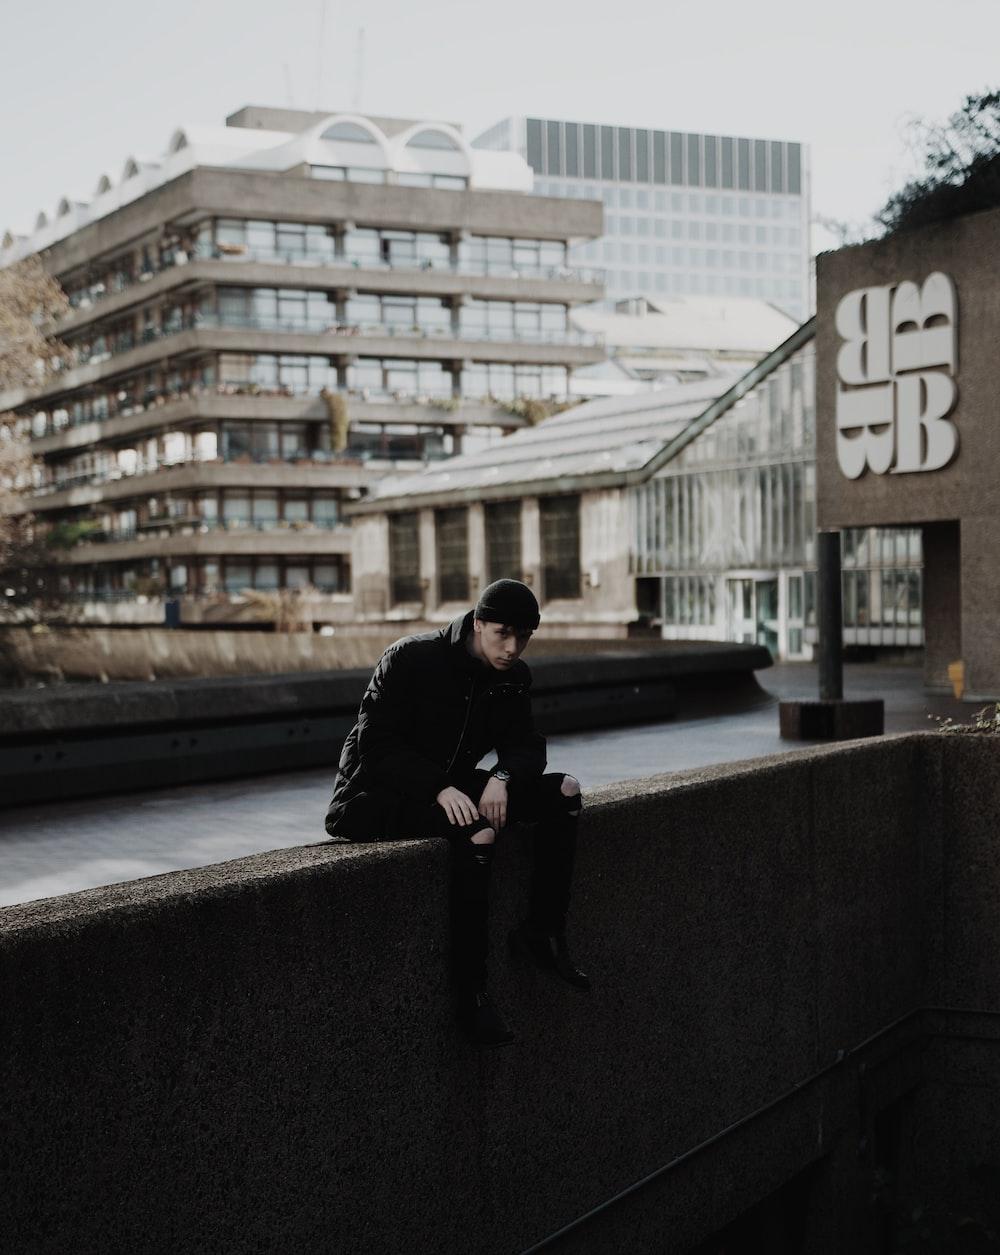 man sitting on concrete edge during daytime